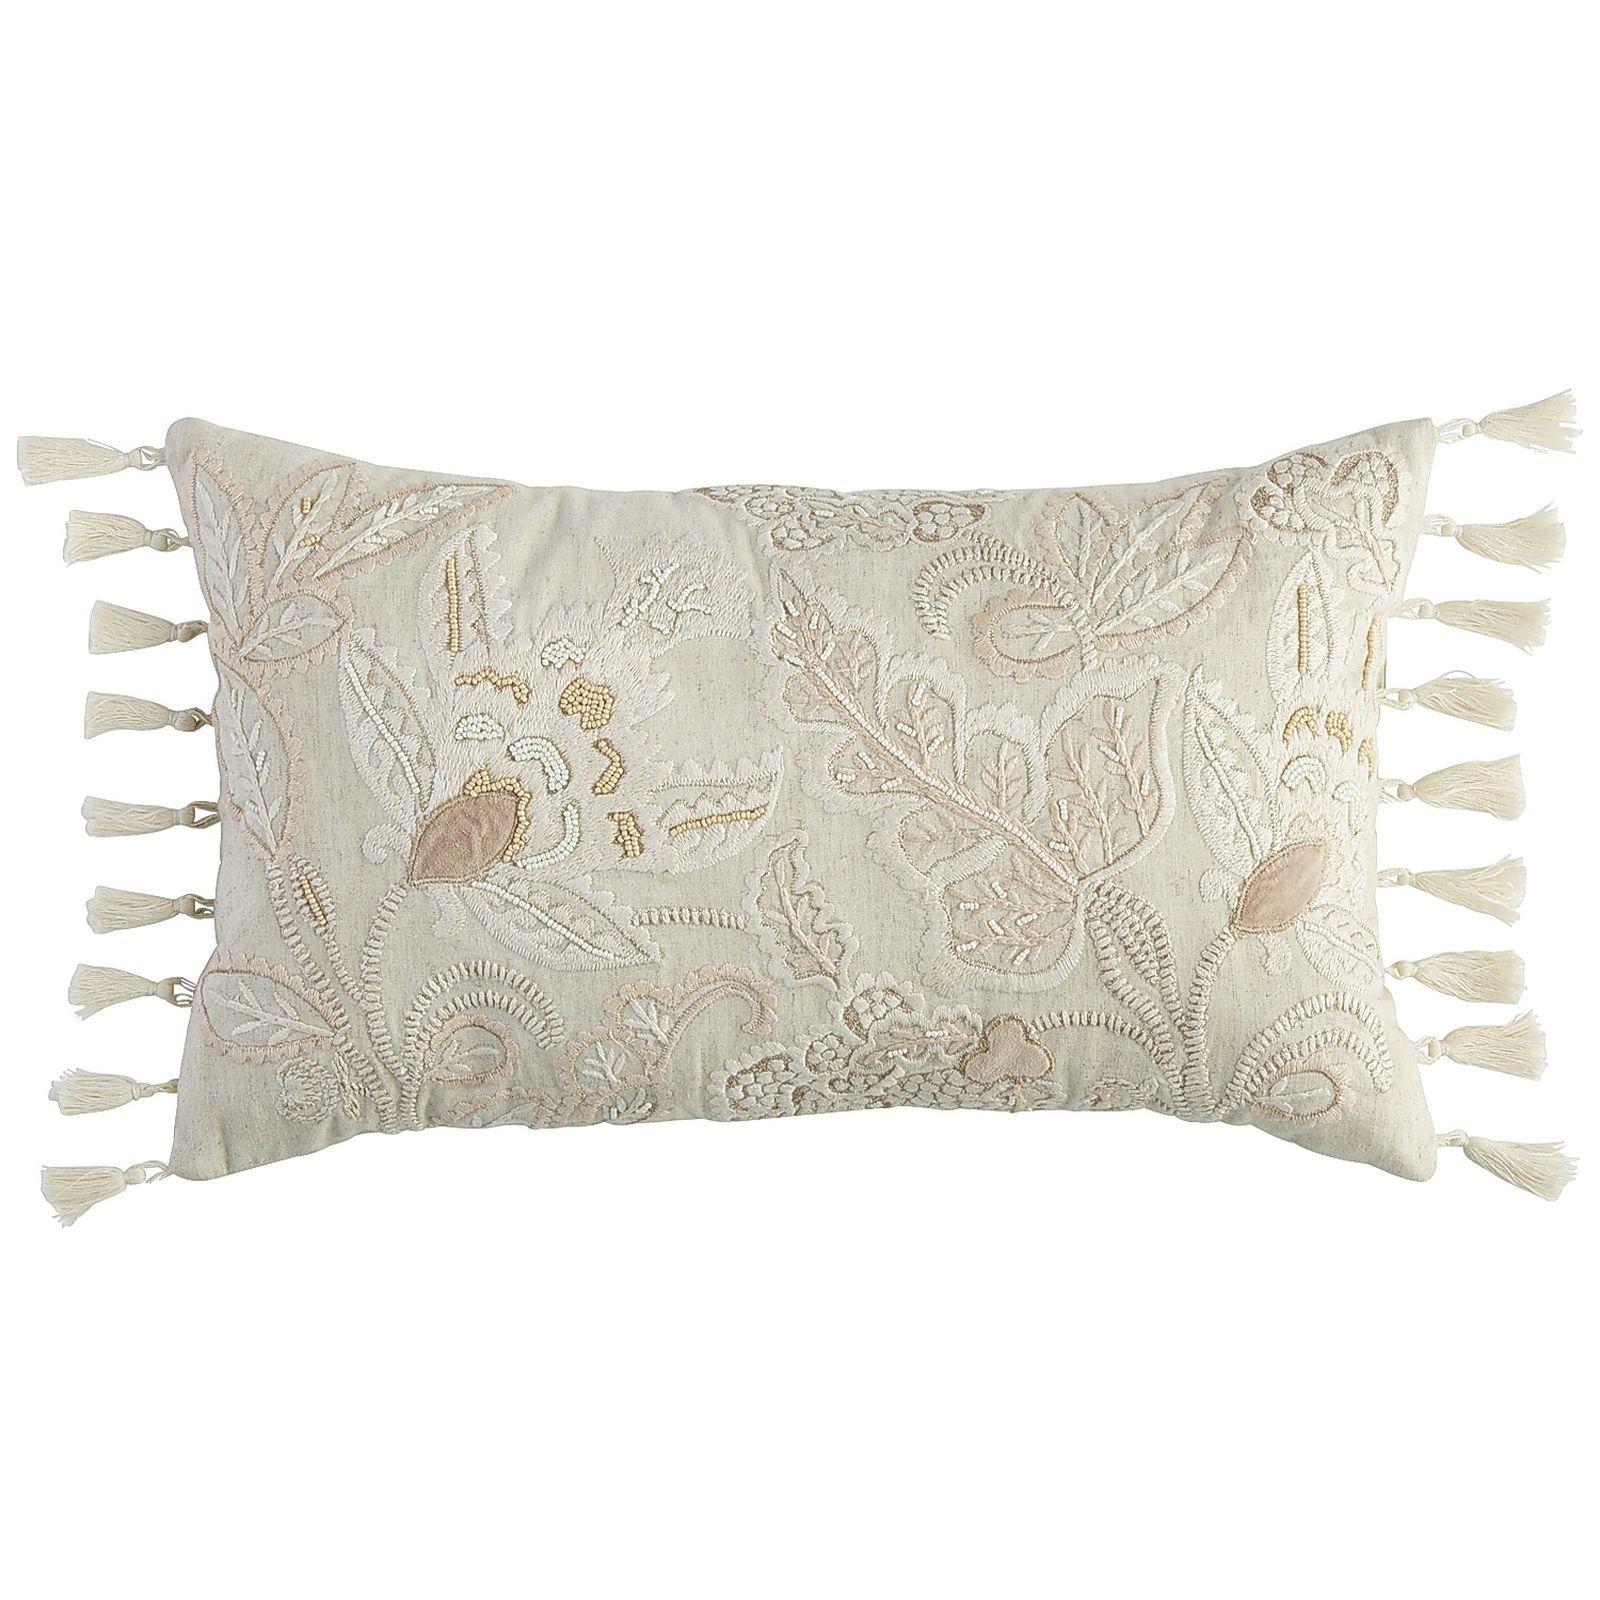 Romantic Glam Jacobean Lumbar Pillow $24.98